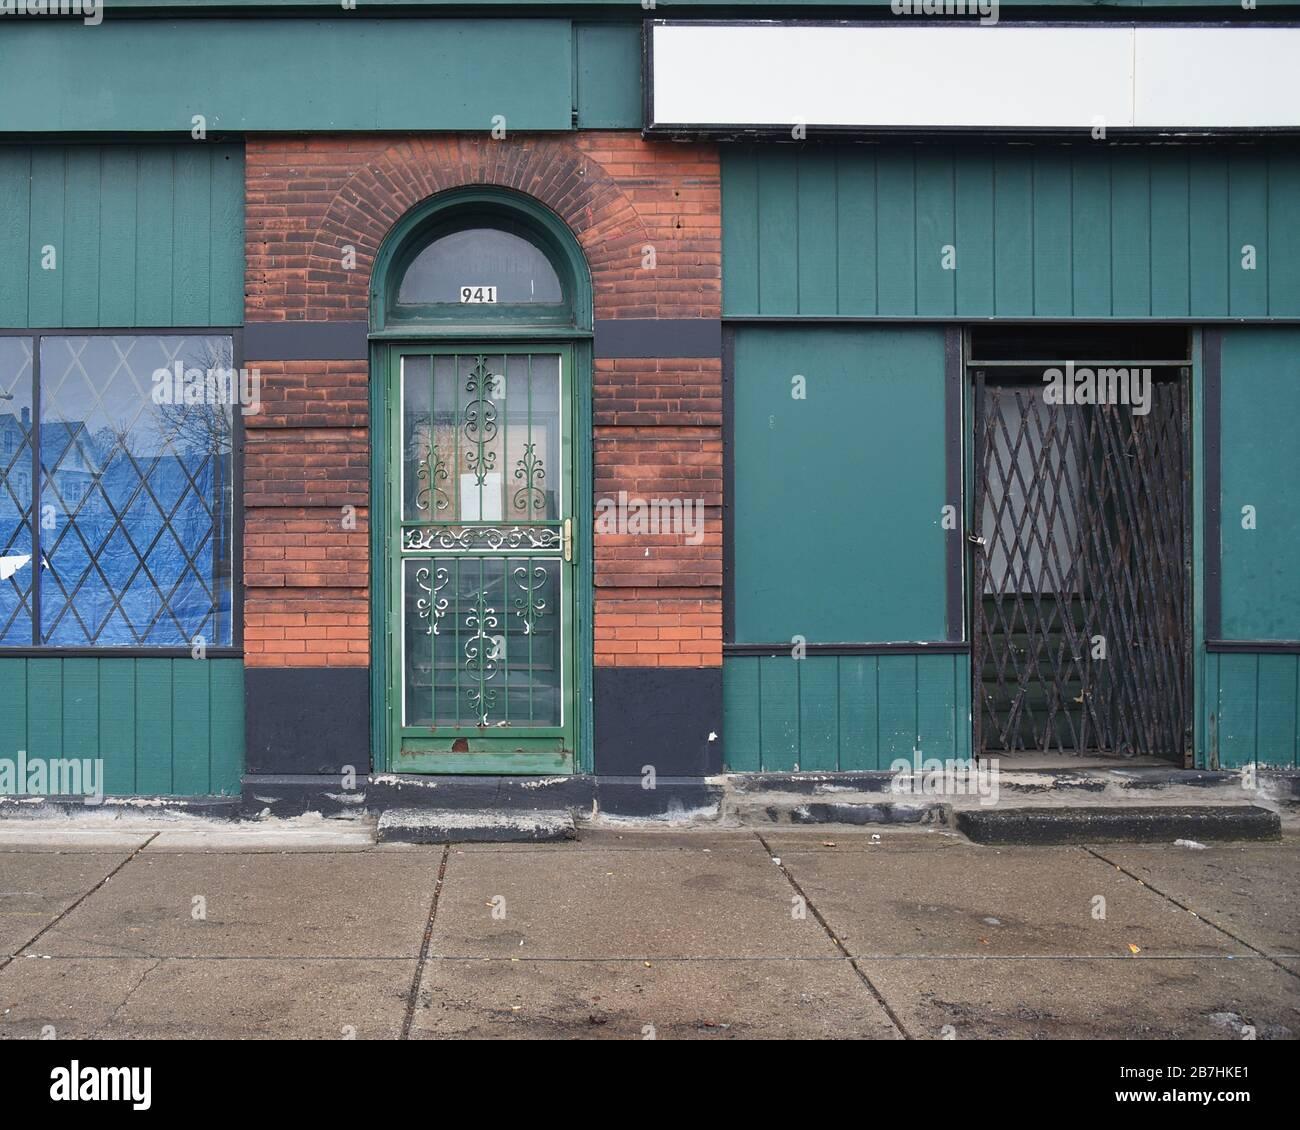 Eine alte Tür und leere Schaufenster im Stadtzentrum von Buffalo, NY für ein ökonomisches Geschäftsentwicklungskonzept Stockfoto